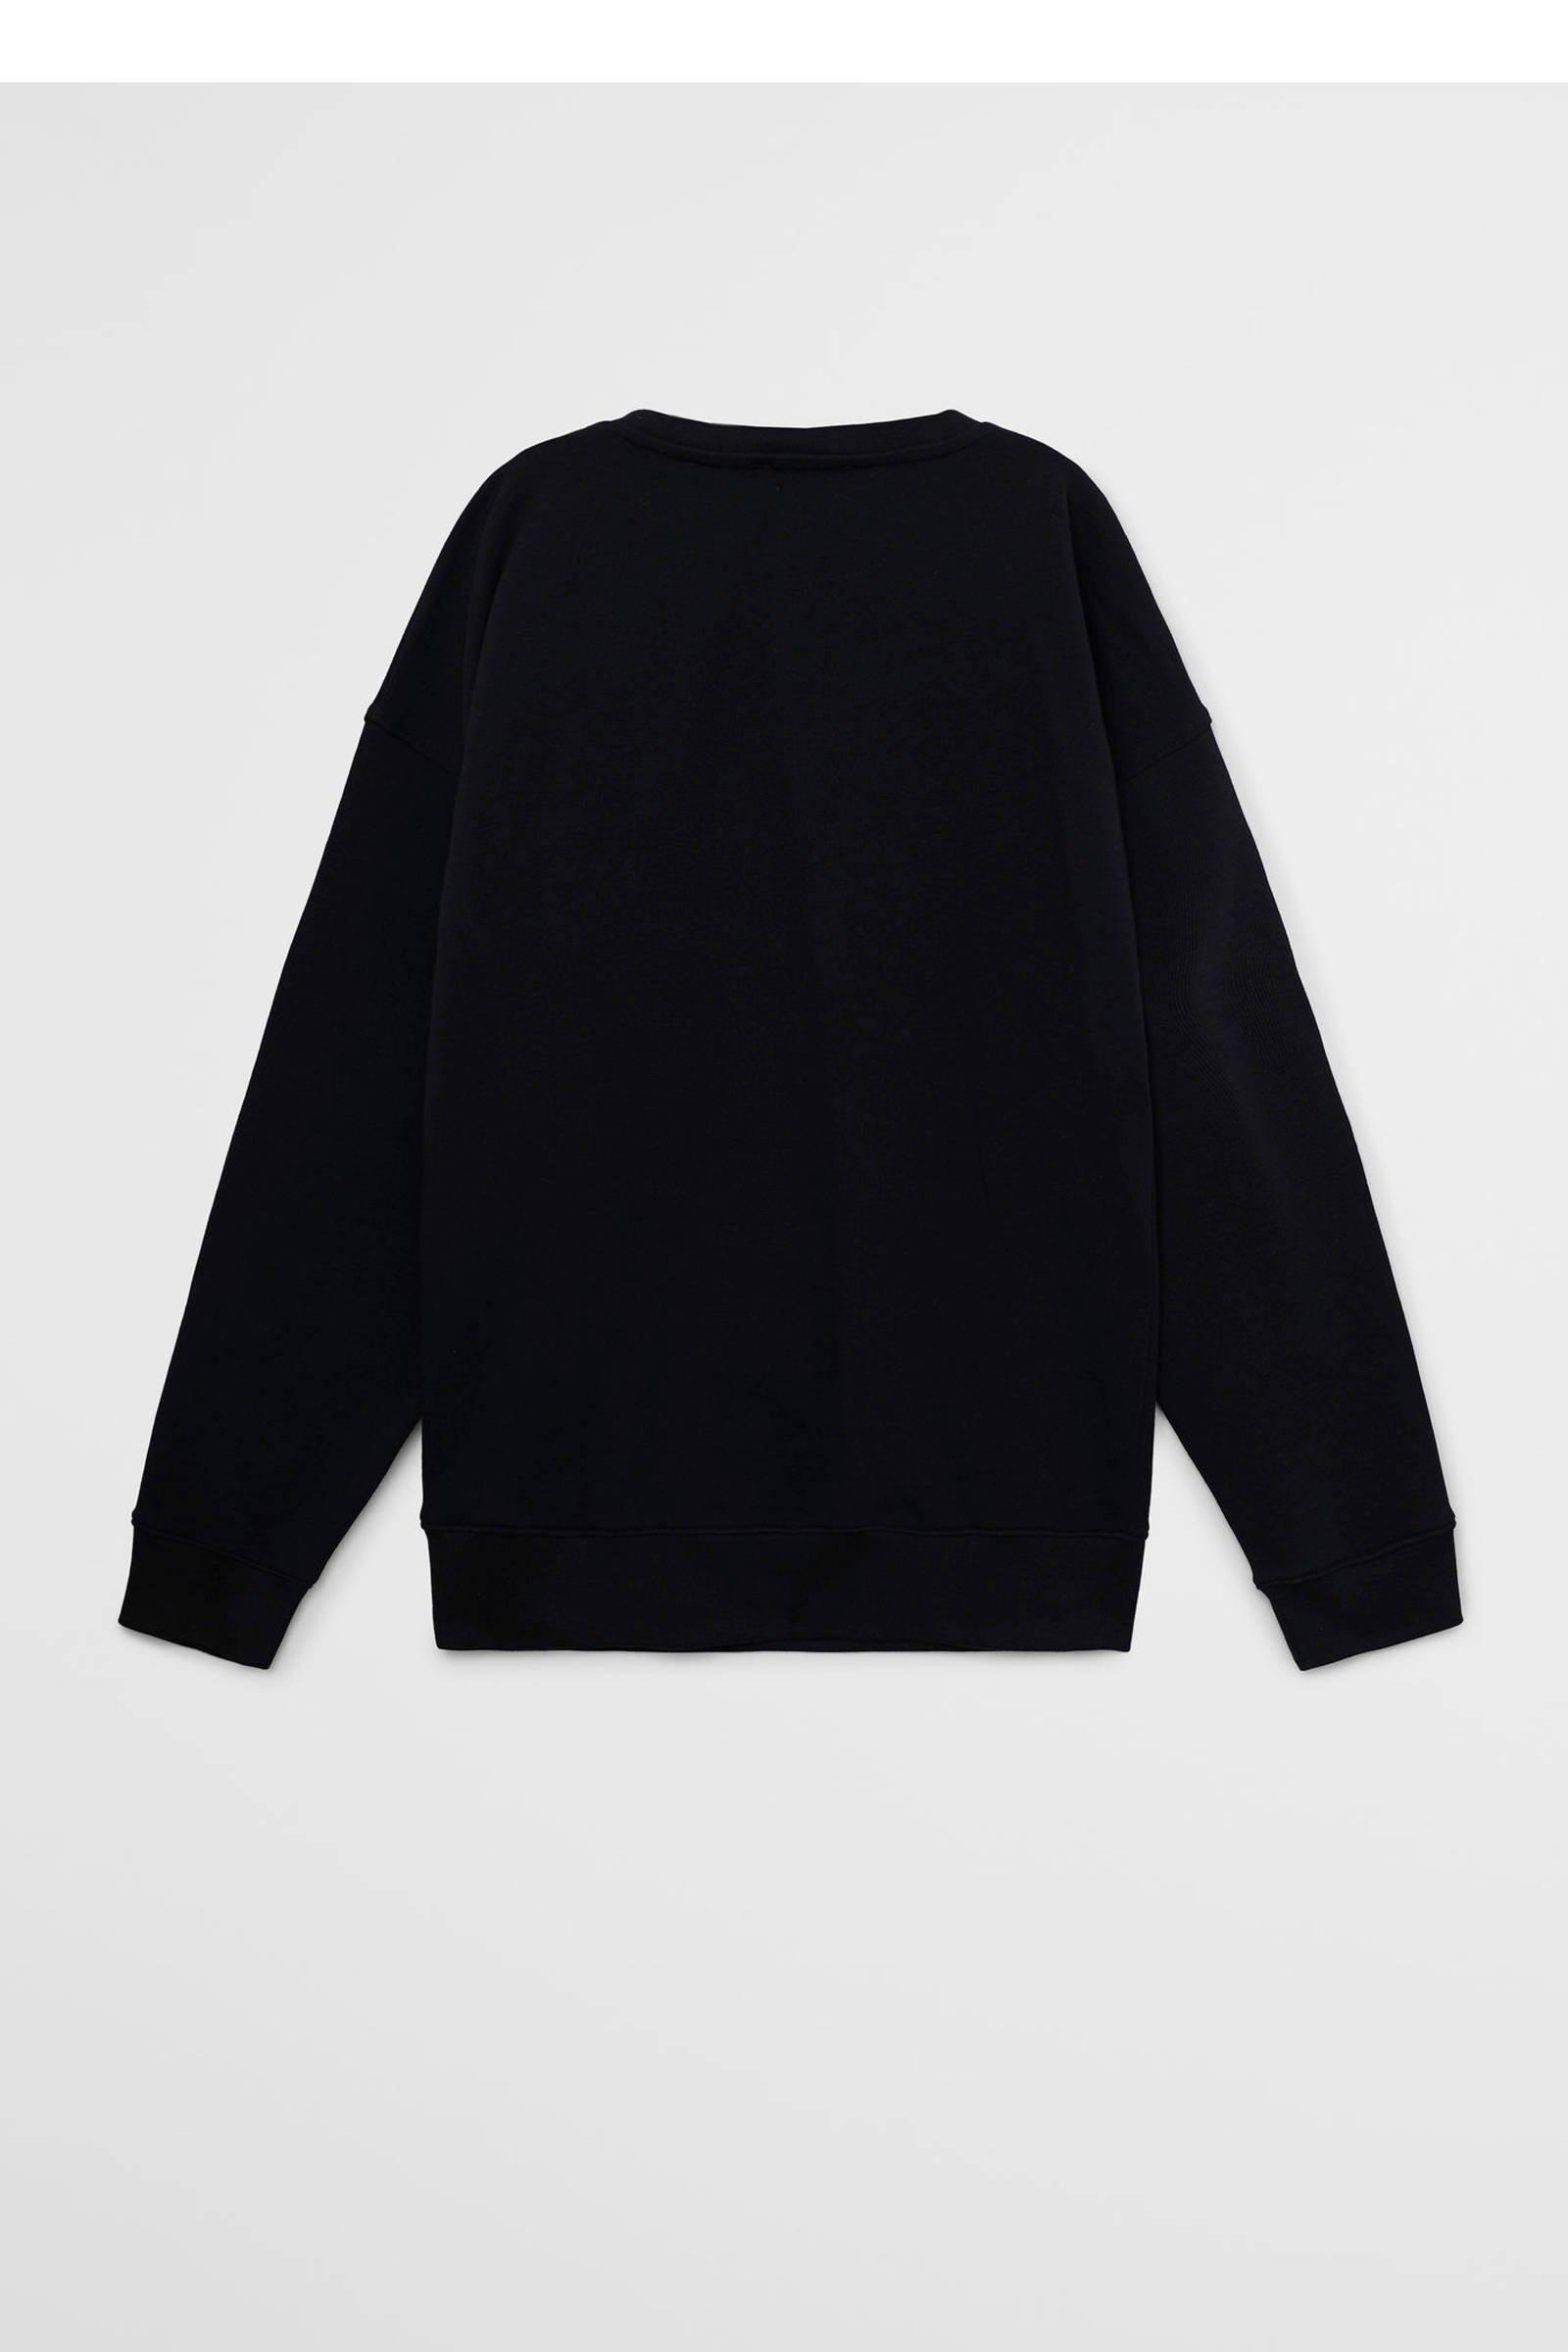 Mango Kids sweater met tekst zwartwit | wehkamp